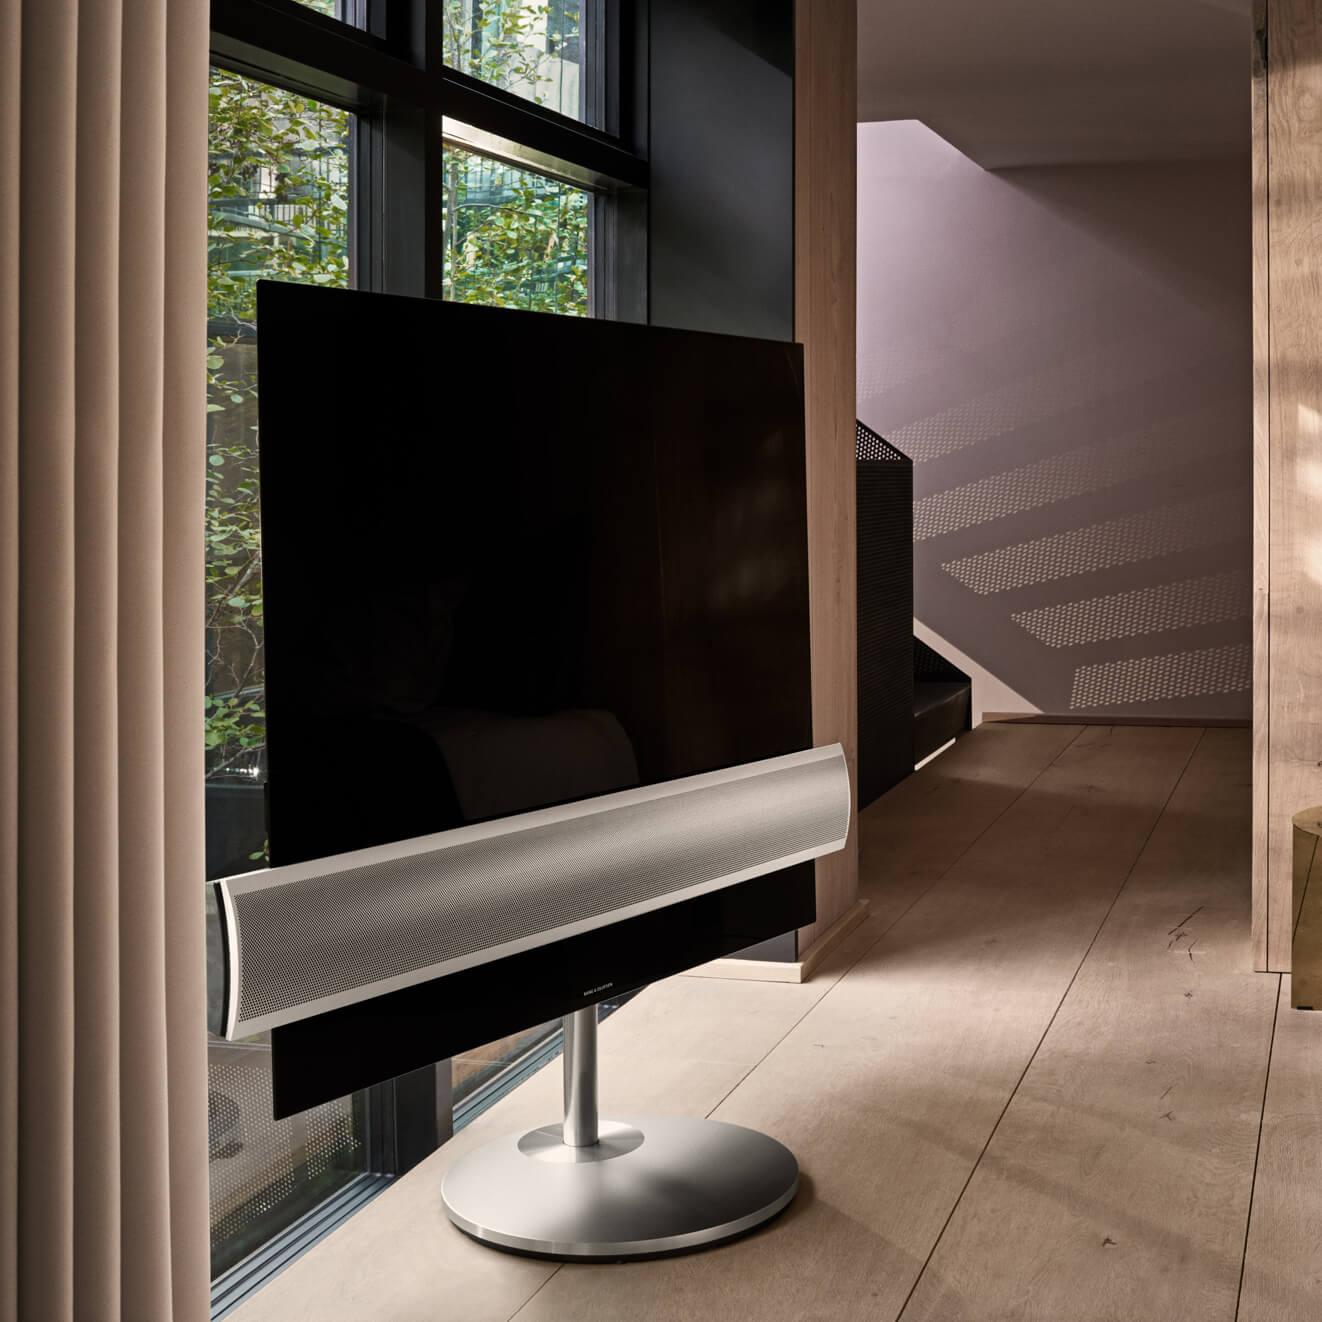 beovision eclipse lg en bang olufsen introduceren televisie want. Black Bedroom Furniture Sets. Home Design Ideas